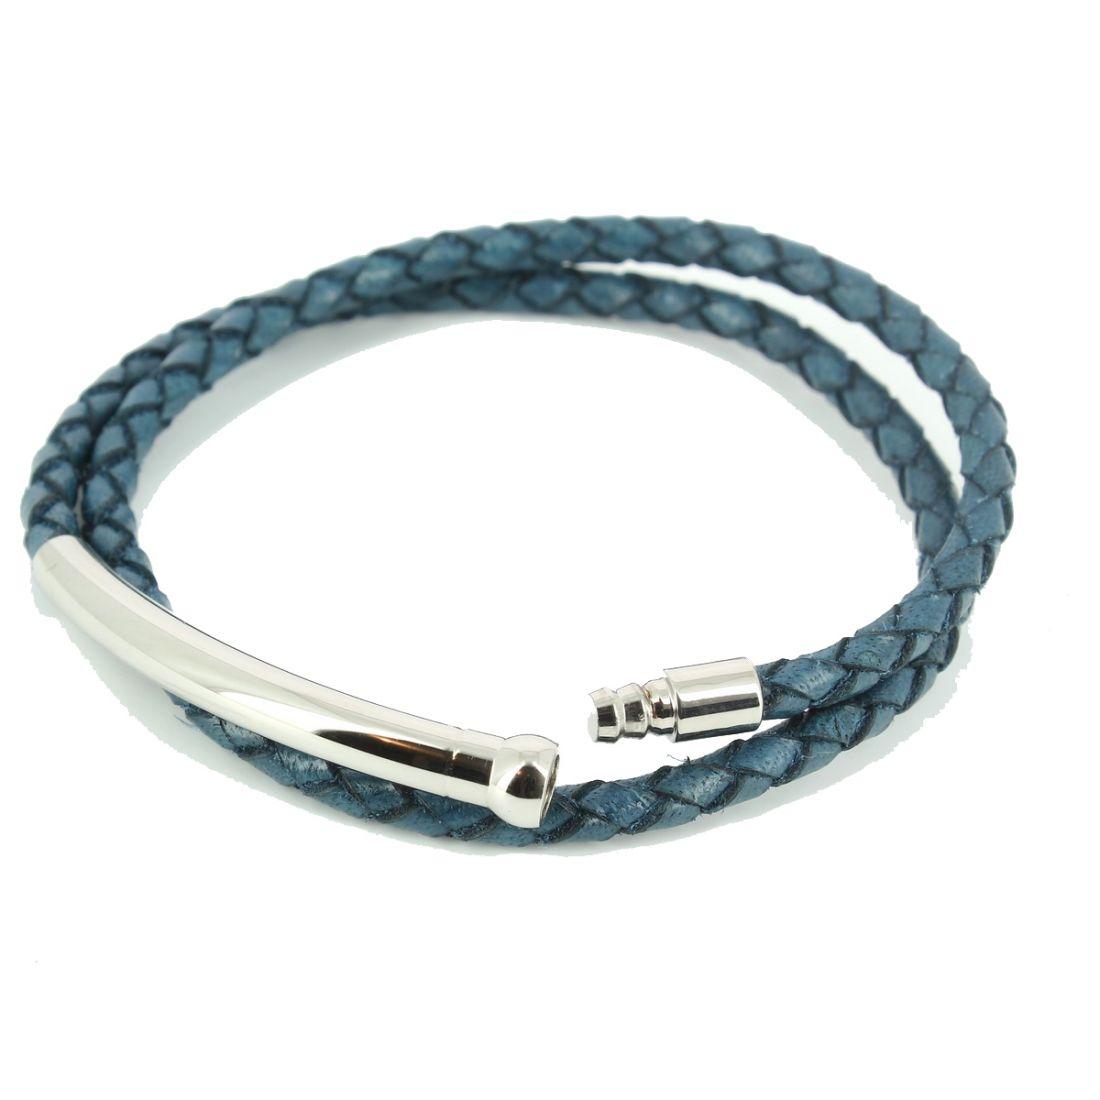 bracelet spring homme monart bleu cravate. Black Bedroom Furniture Sets. Home Design Ideas